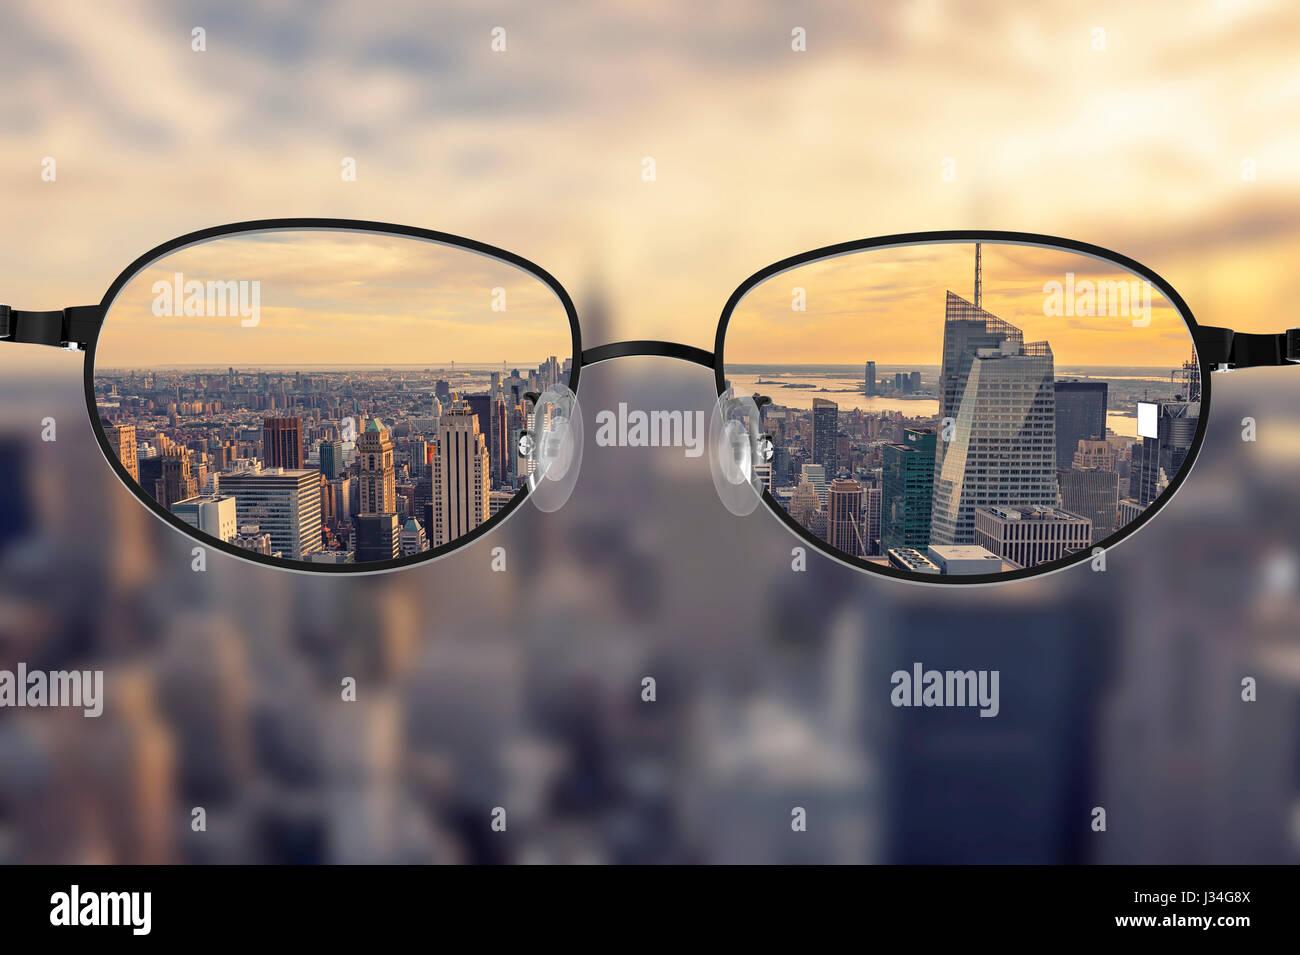 ad496bb462 Claro paisaje urbano centrado en las gafas lentes con fondo de paisaje  urbano borrosa Imagen De